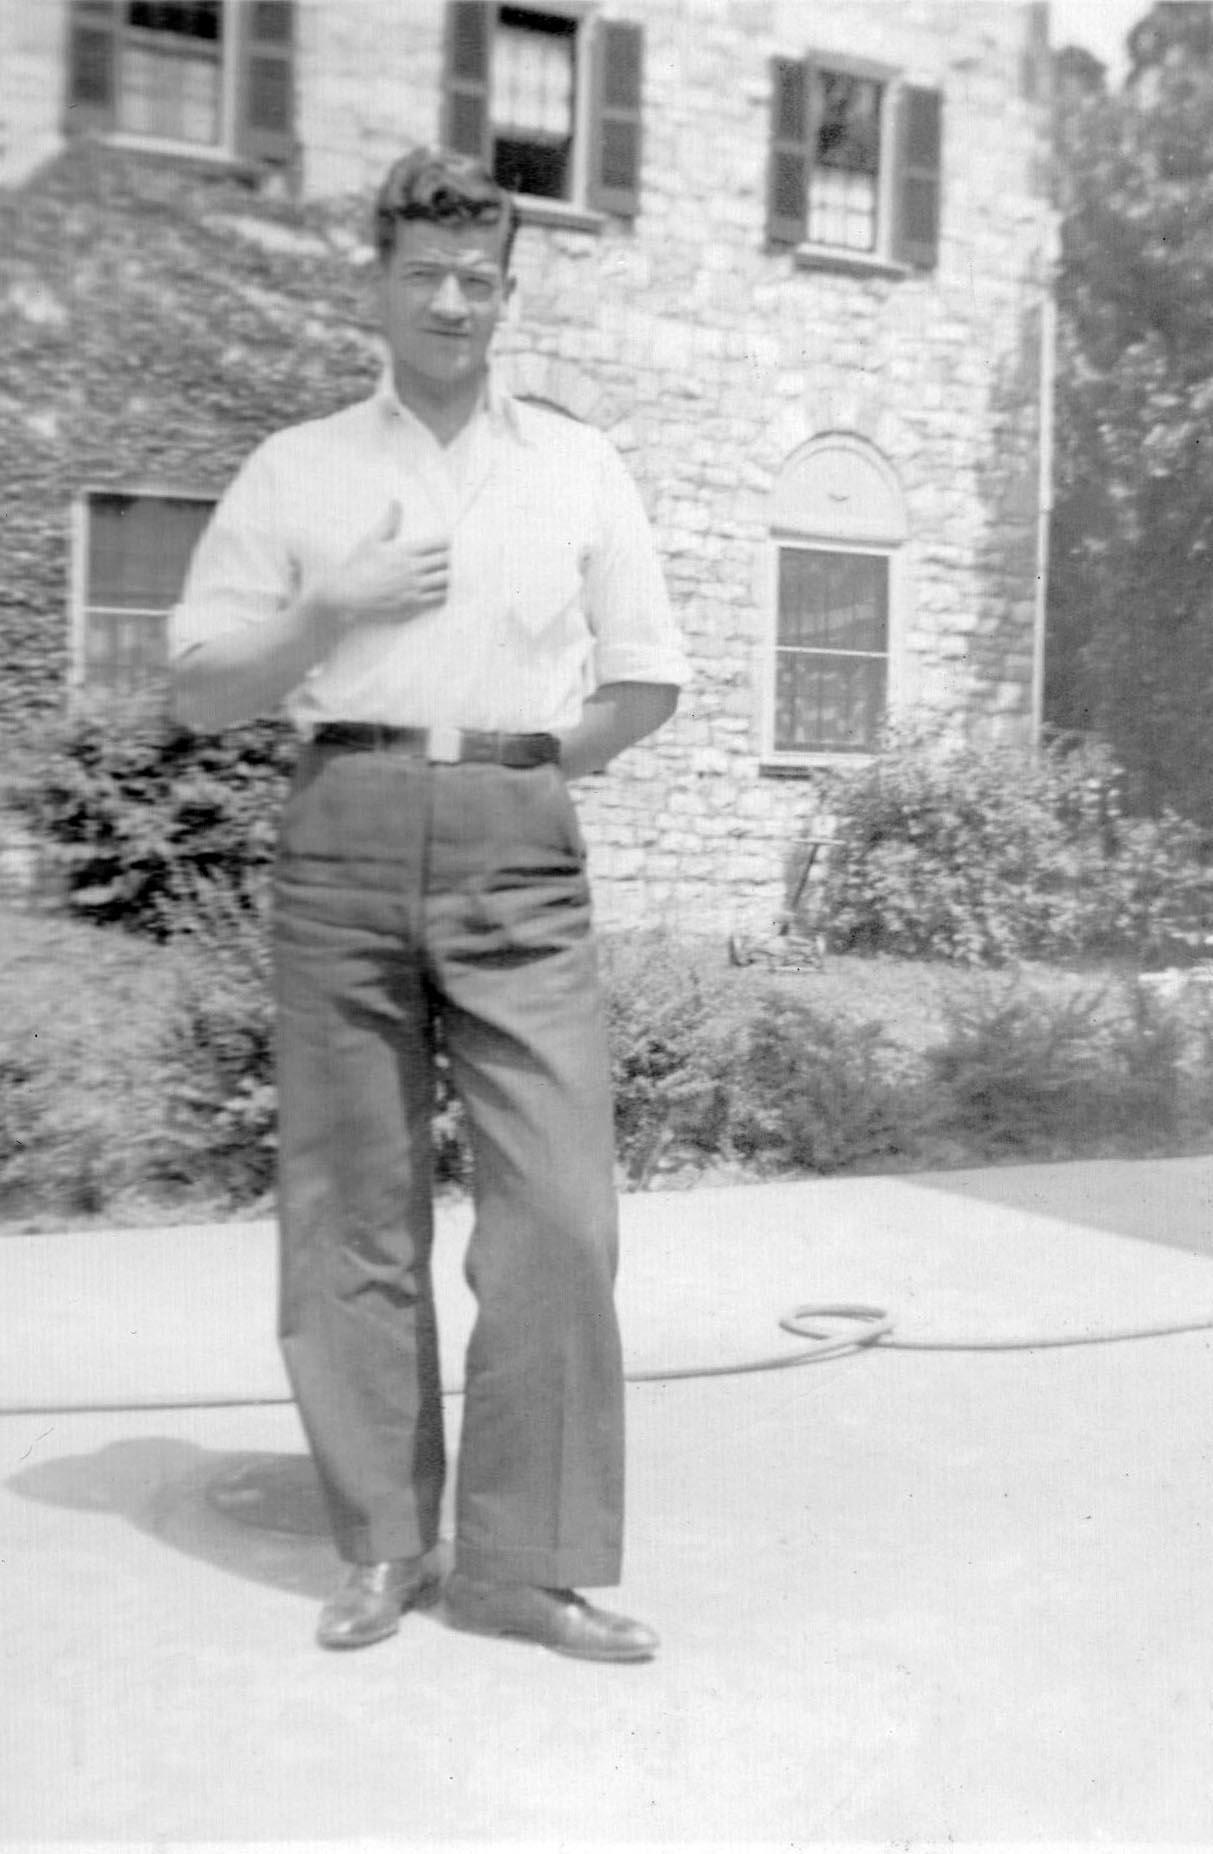 Robert K. Asplund 1934